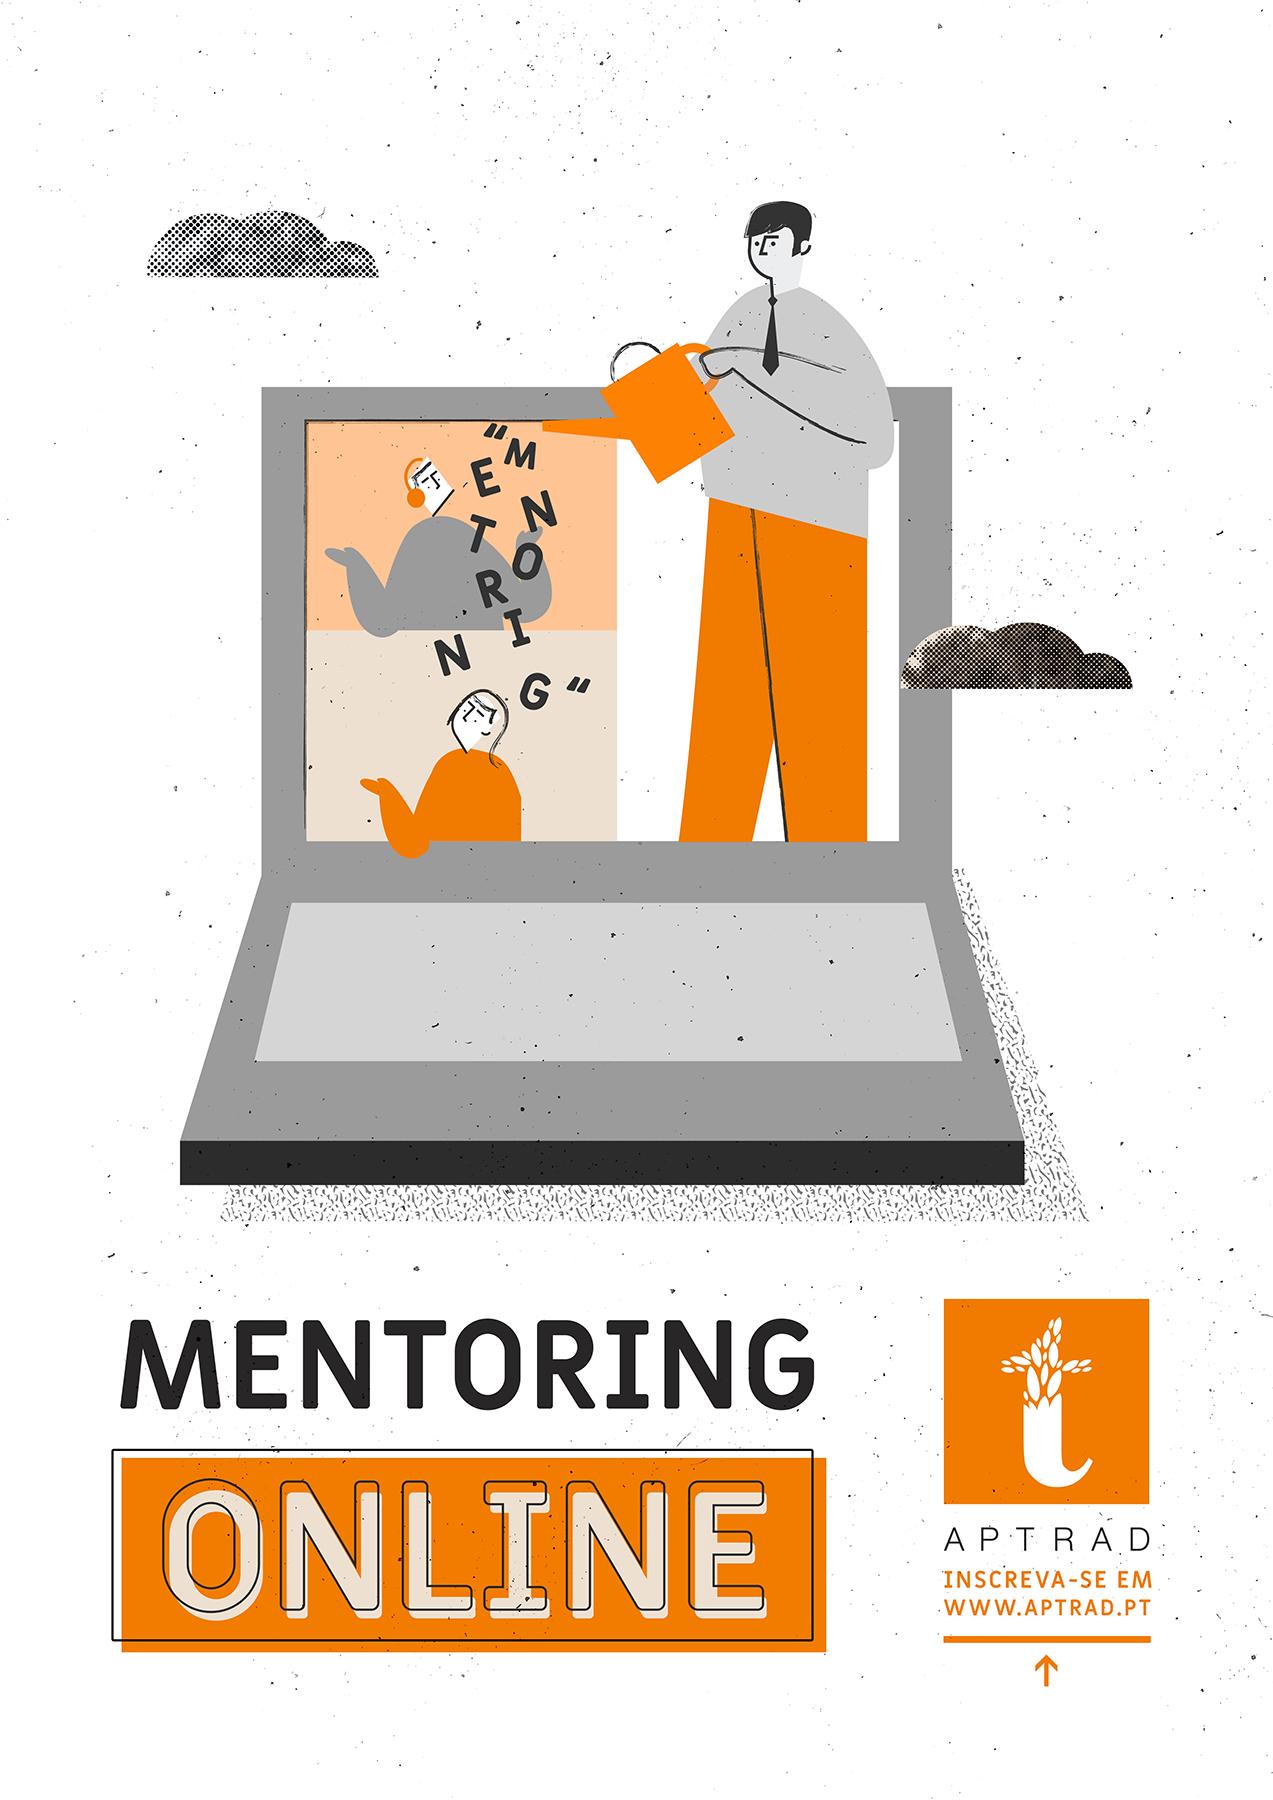 MentoringOnline